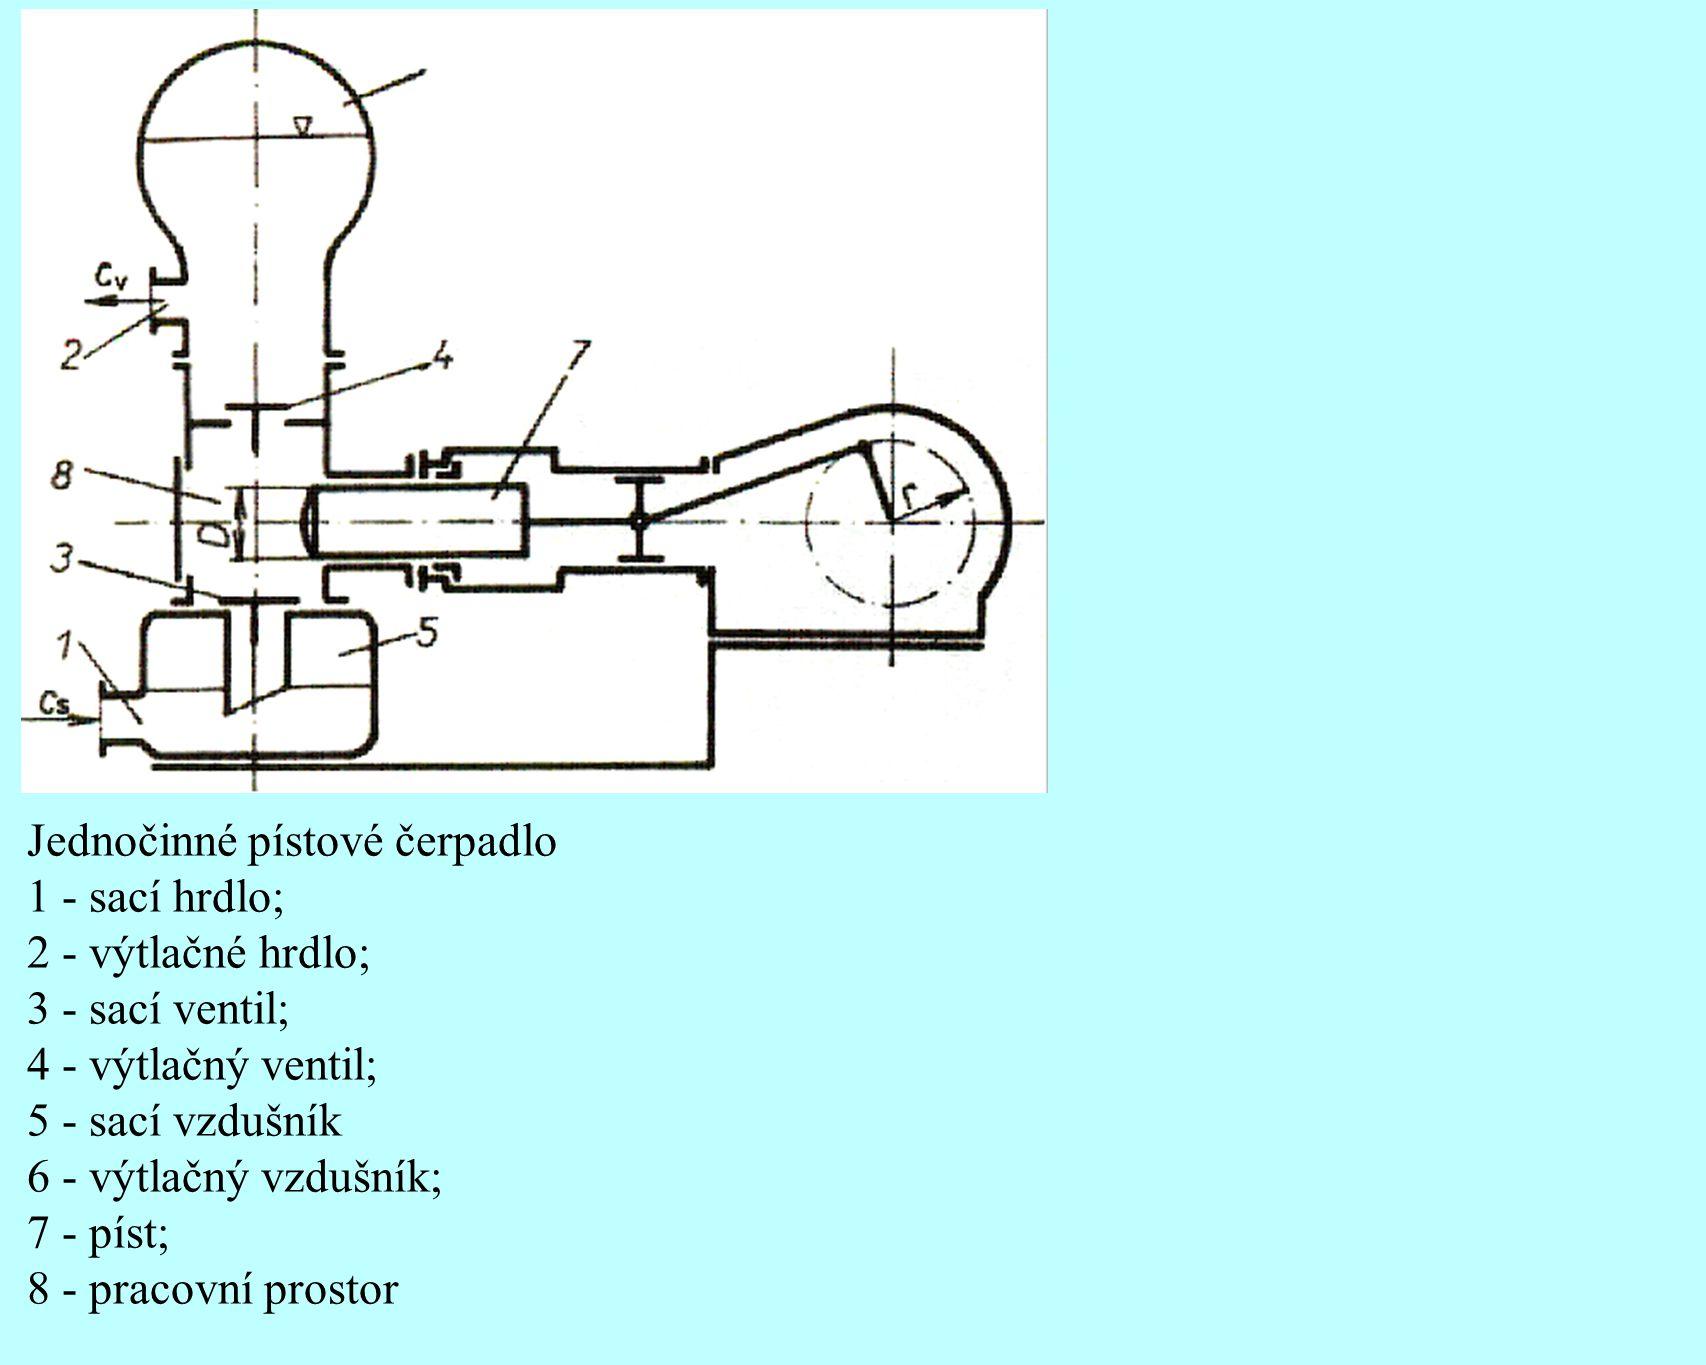 Jednočinné pístové čerpadlo 1 - sací hrdlo; 2 - výtlačné hrdlo; 3 - sací ventil; 4 - výtlačný ventil; 5 - sací vzdušník 6 - výtlačný vzdušník; 7 - pís